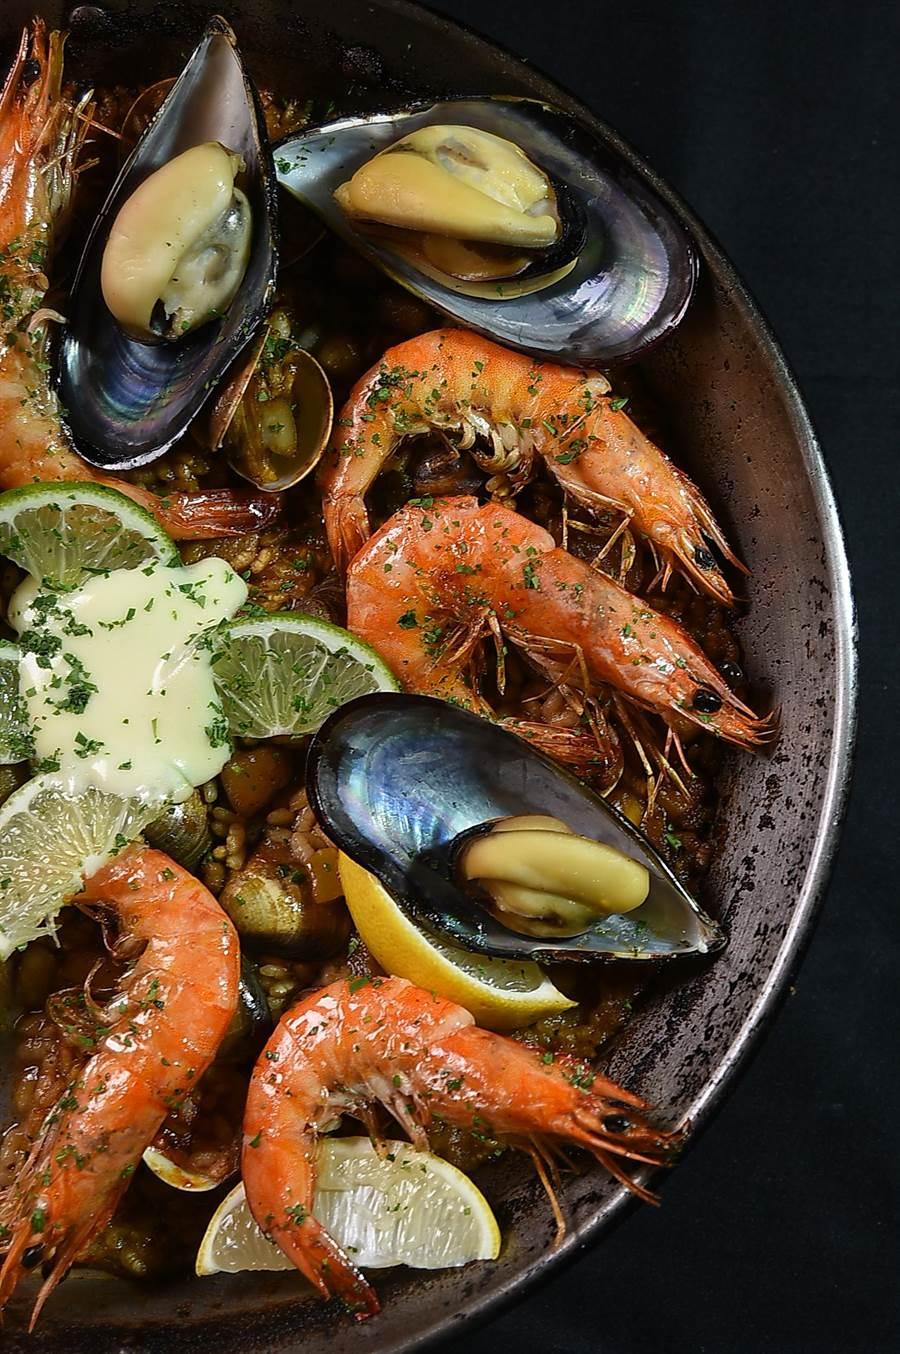 台北〈alma〉的〈西班牙海鮮飯〉每鍋1250元,可供4人享用,餡料有鮮蝦、淡菜和蛤蜊,留著米心口感的米飯中摻了魷魚丁,並用蝦油和蒜味美乃滋提味增香。(圖/姚舜)